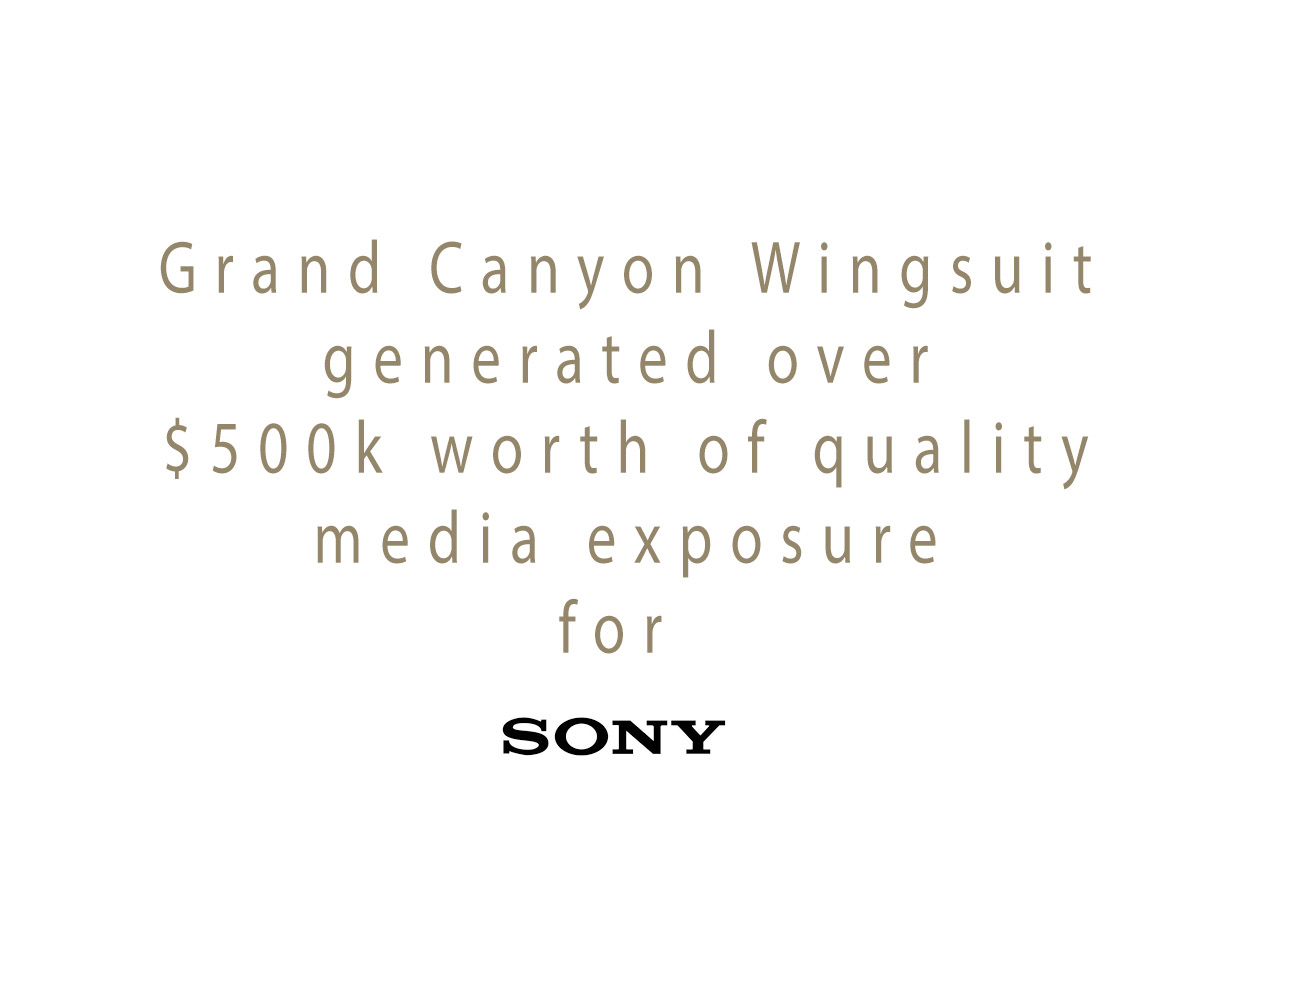 Grabd Canyon Wingsuit Media.jpg